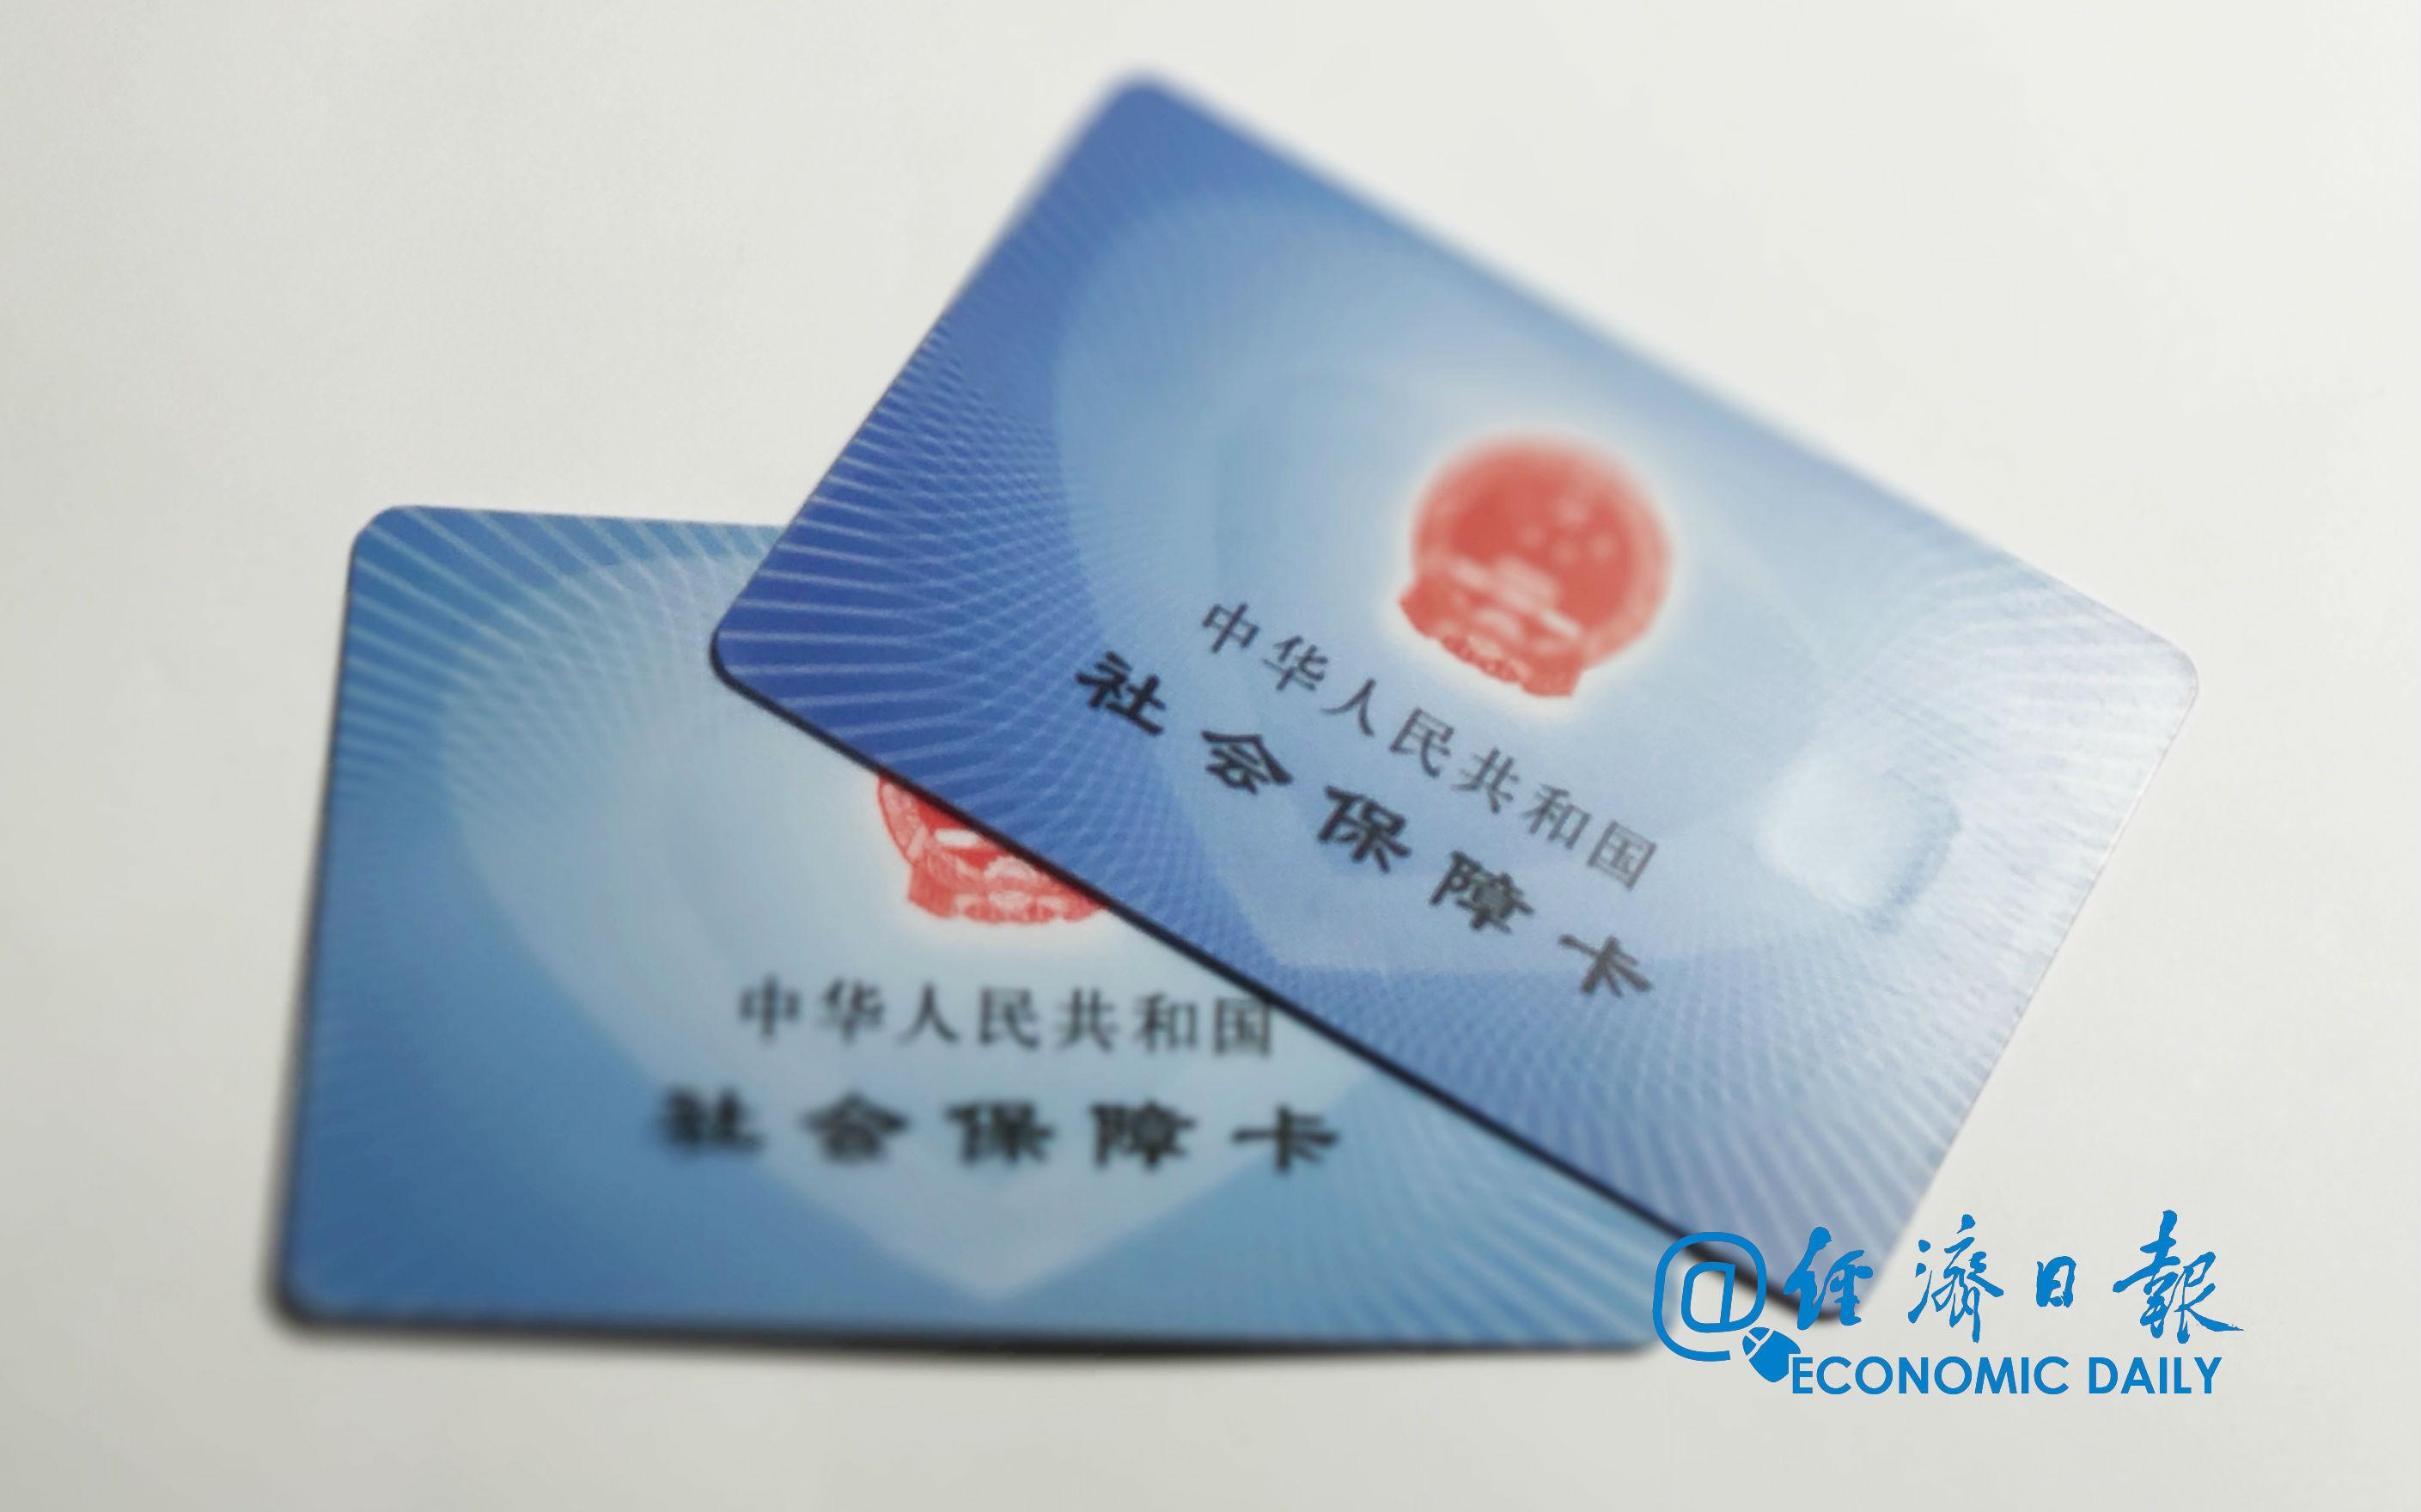 全国统一的电子社保卡已覆盖230座城市